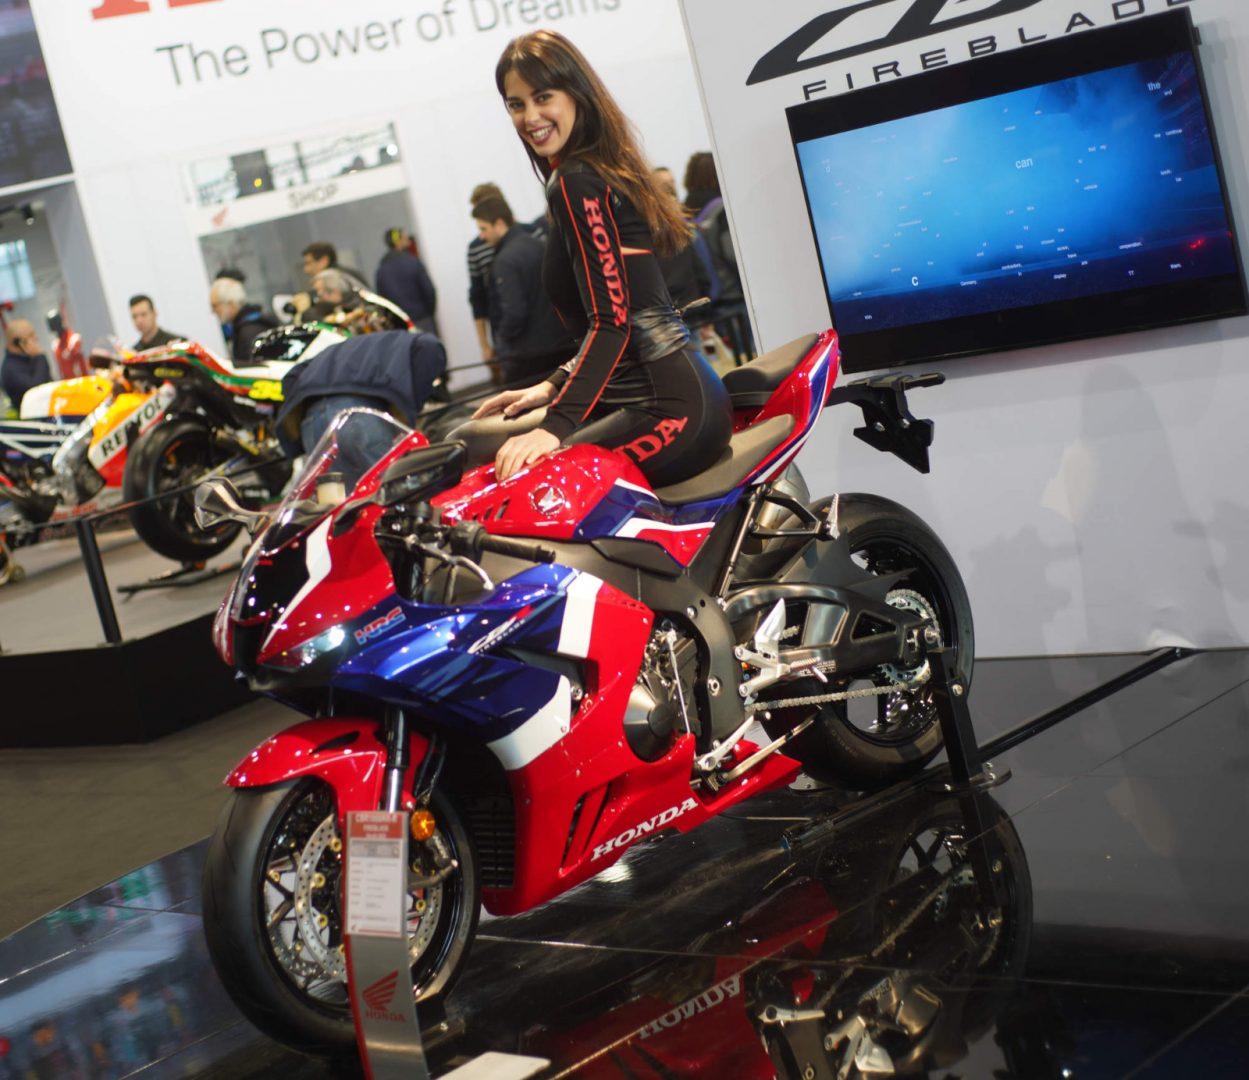 motor bike expo in fiera